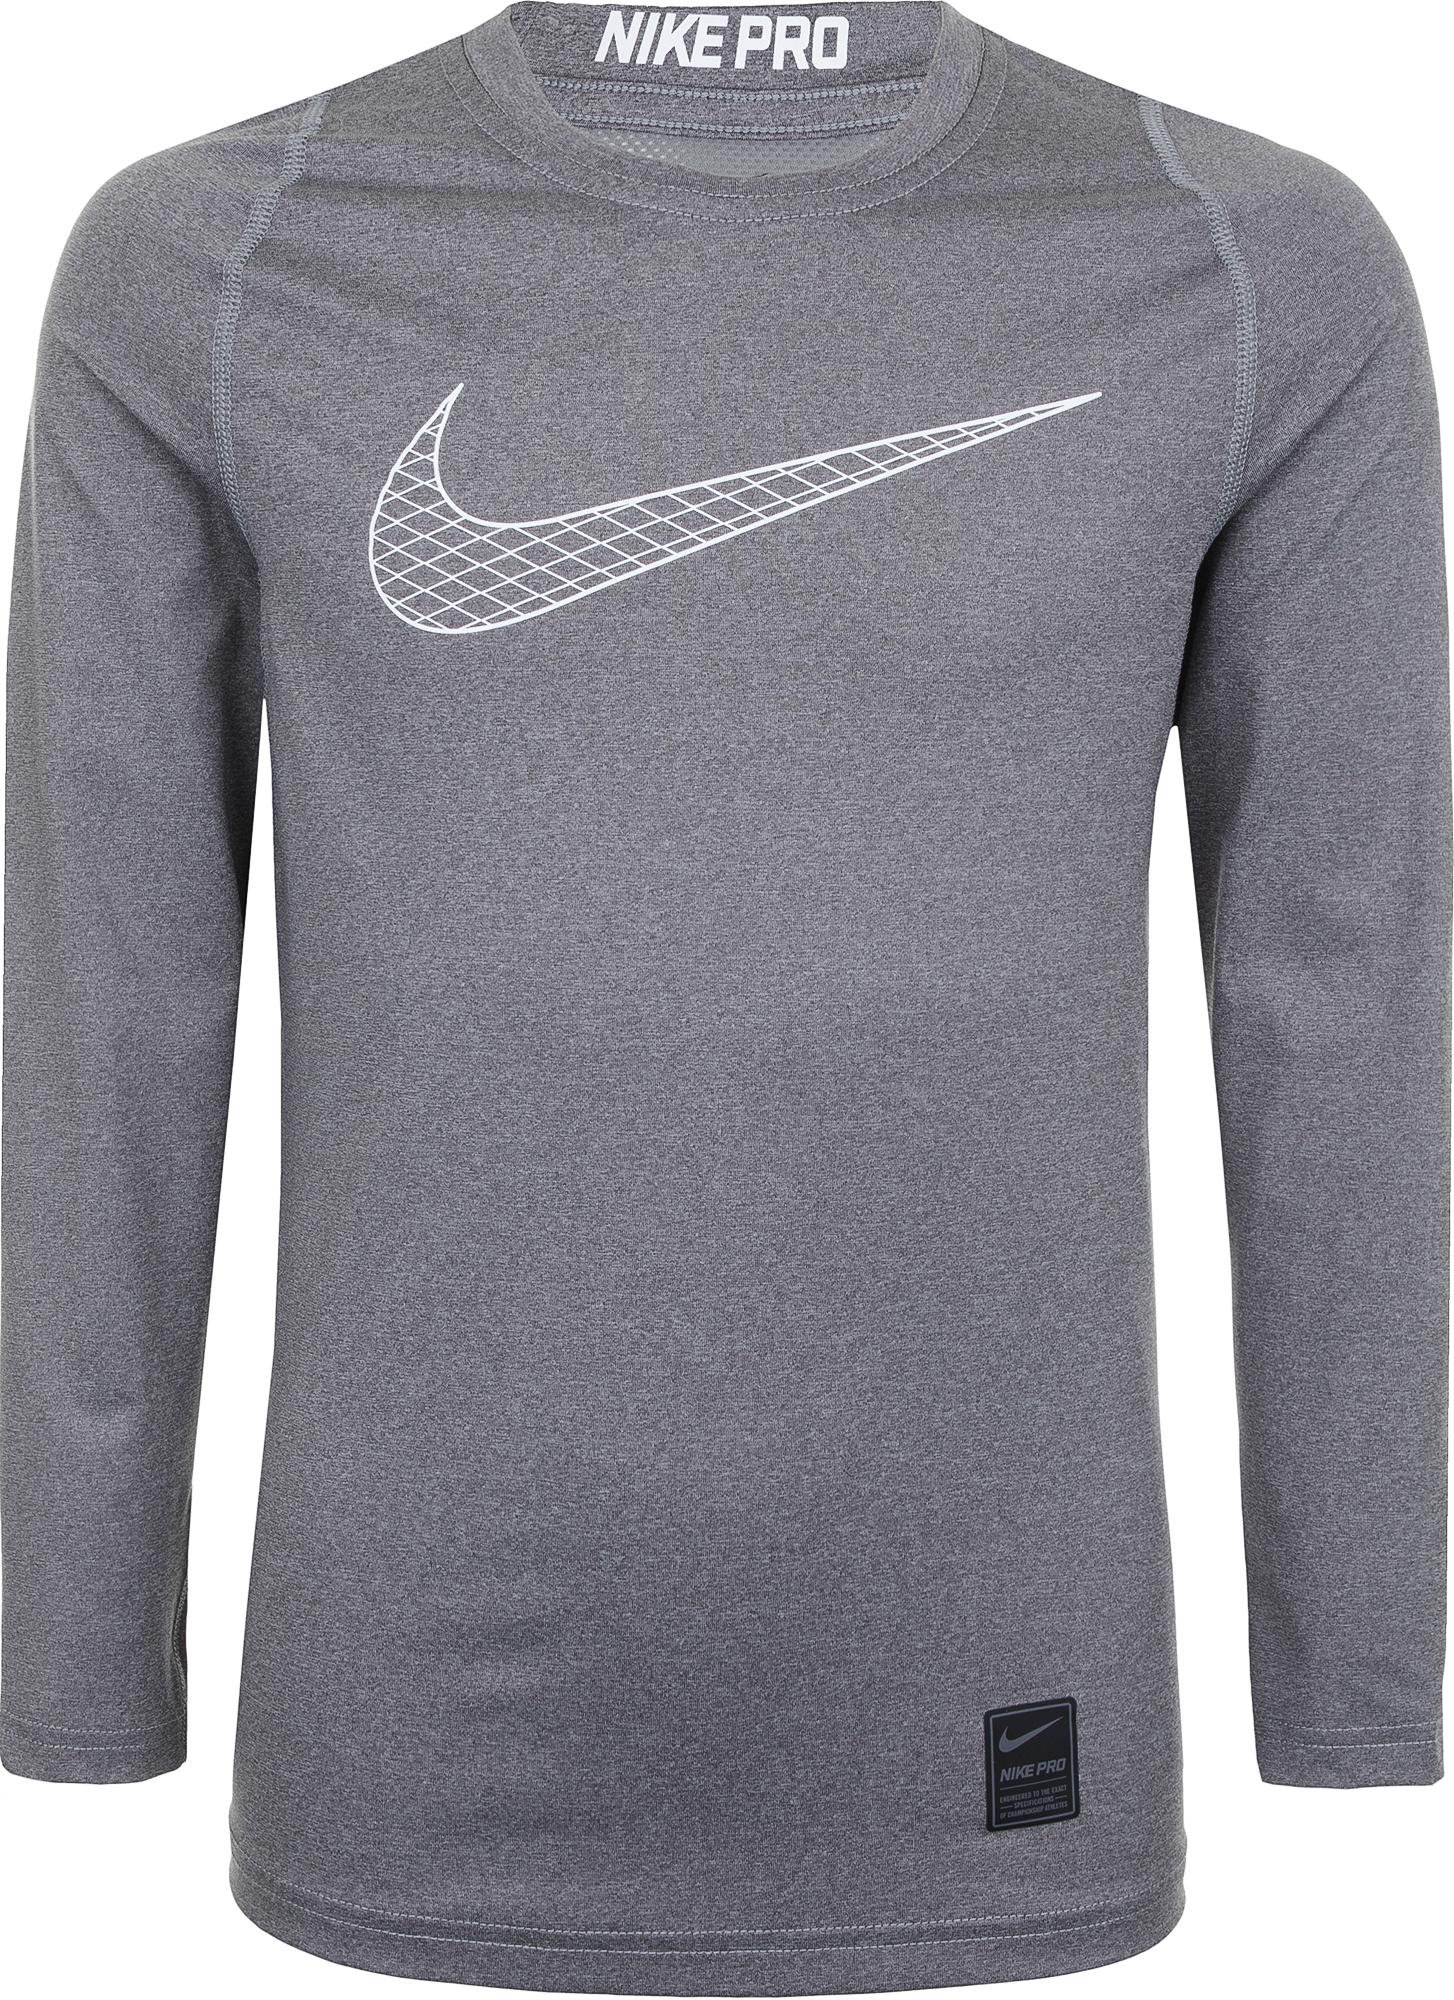 цены на Nike Свитшот для мальчиков Nike Pro, размер 158-170 в интернет-магазинах